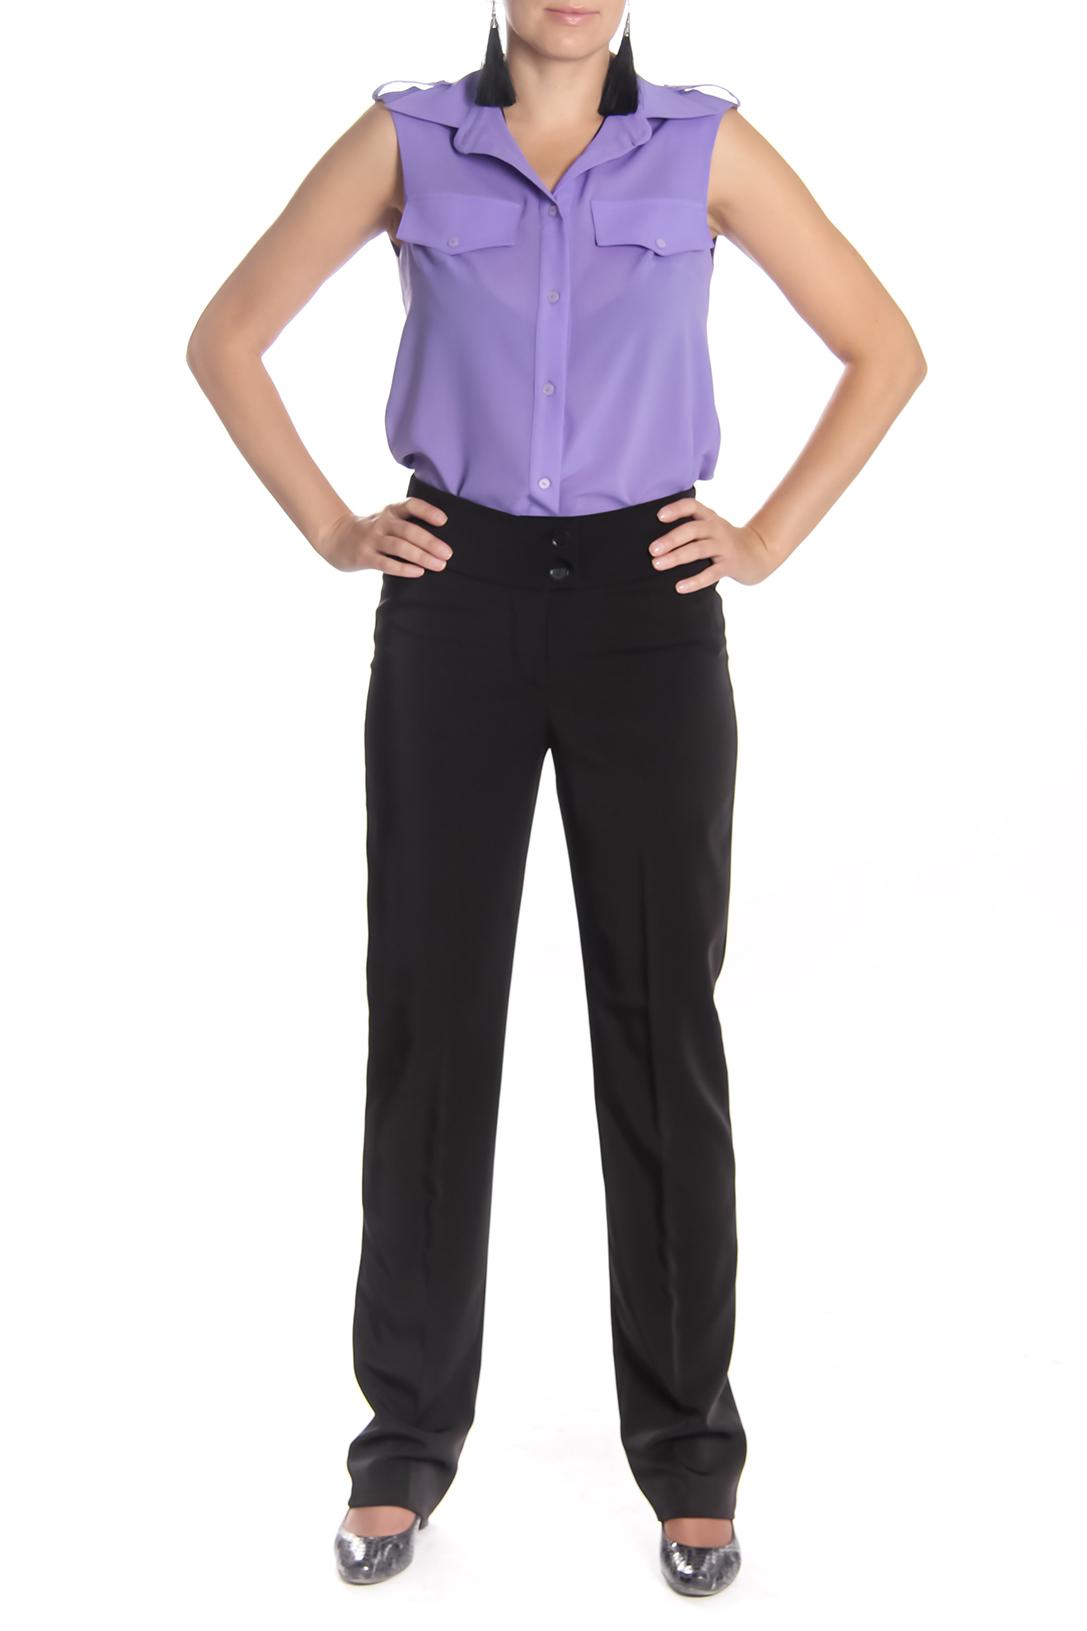 БрюкиБрюки<br>Классические женские брюки со стрелками. Модель выполнена из плотной костюмной ткани. Отличный выбор для любого случая.  Длина изделия:  44 размер 113 см 46 размер 113 см 48 размер 113 см 50 размер 115 см 52 размер 115 см 54 размер 115 см  Цвет: черный<br><br>По материалу: Тканевые<br>По рисунку: Однотонные<br>По сезону: Весна,Осень,Зима<br>По силуэту: Полуприталенные<br>По стилю: Классический стиль,Офисный стиль,Повседневный стиль<br>По форме: Классические<br>По элементам: Со стрелками<br>Размер : 44,46<br>Материал: Костюмная ткань<br>Количество в наличии: 2